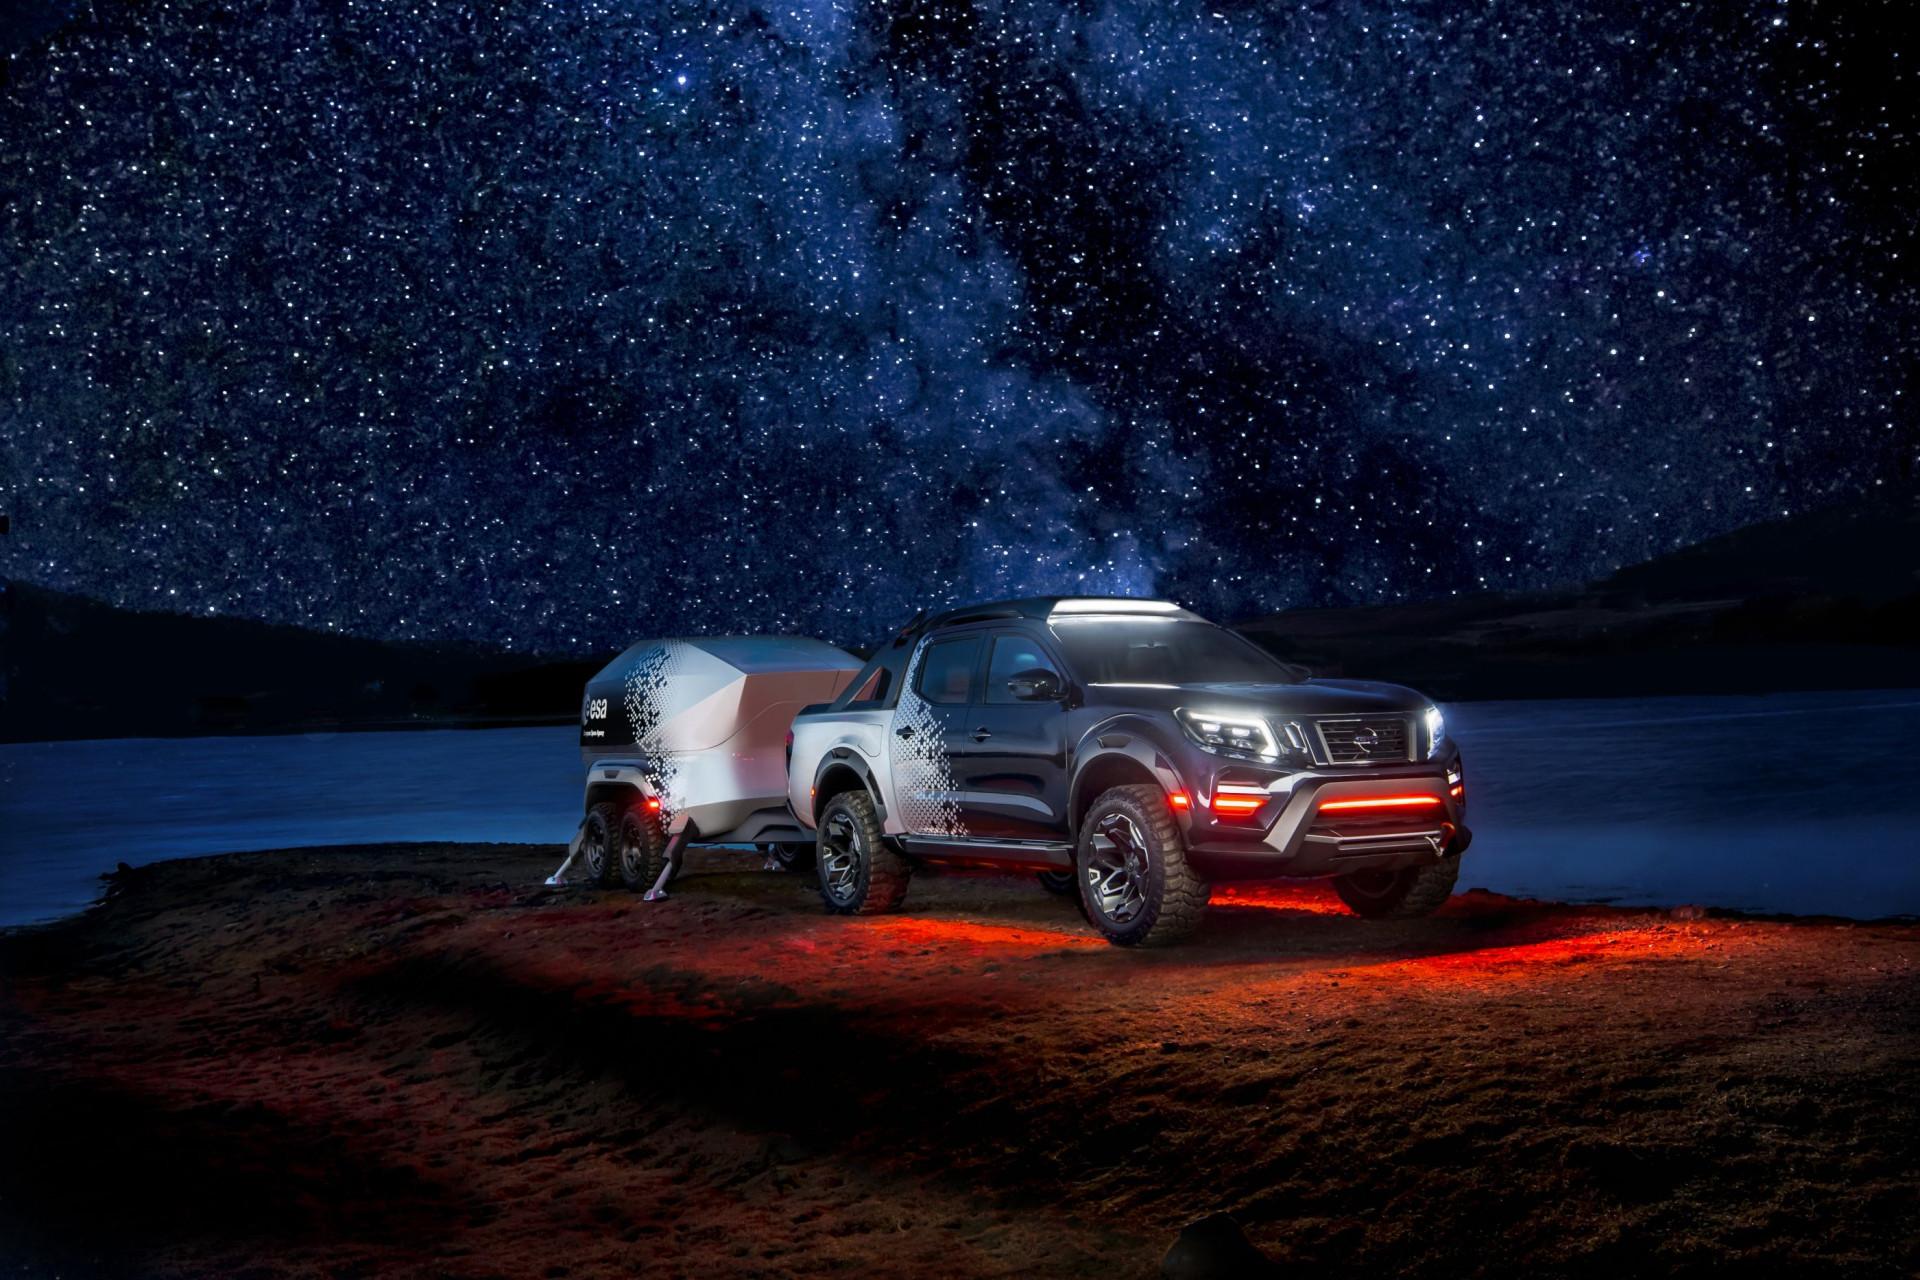 Este 'concept' da Nissan foi criado especialmente para astrónomos